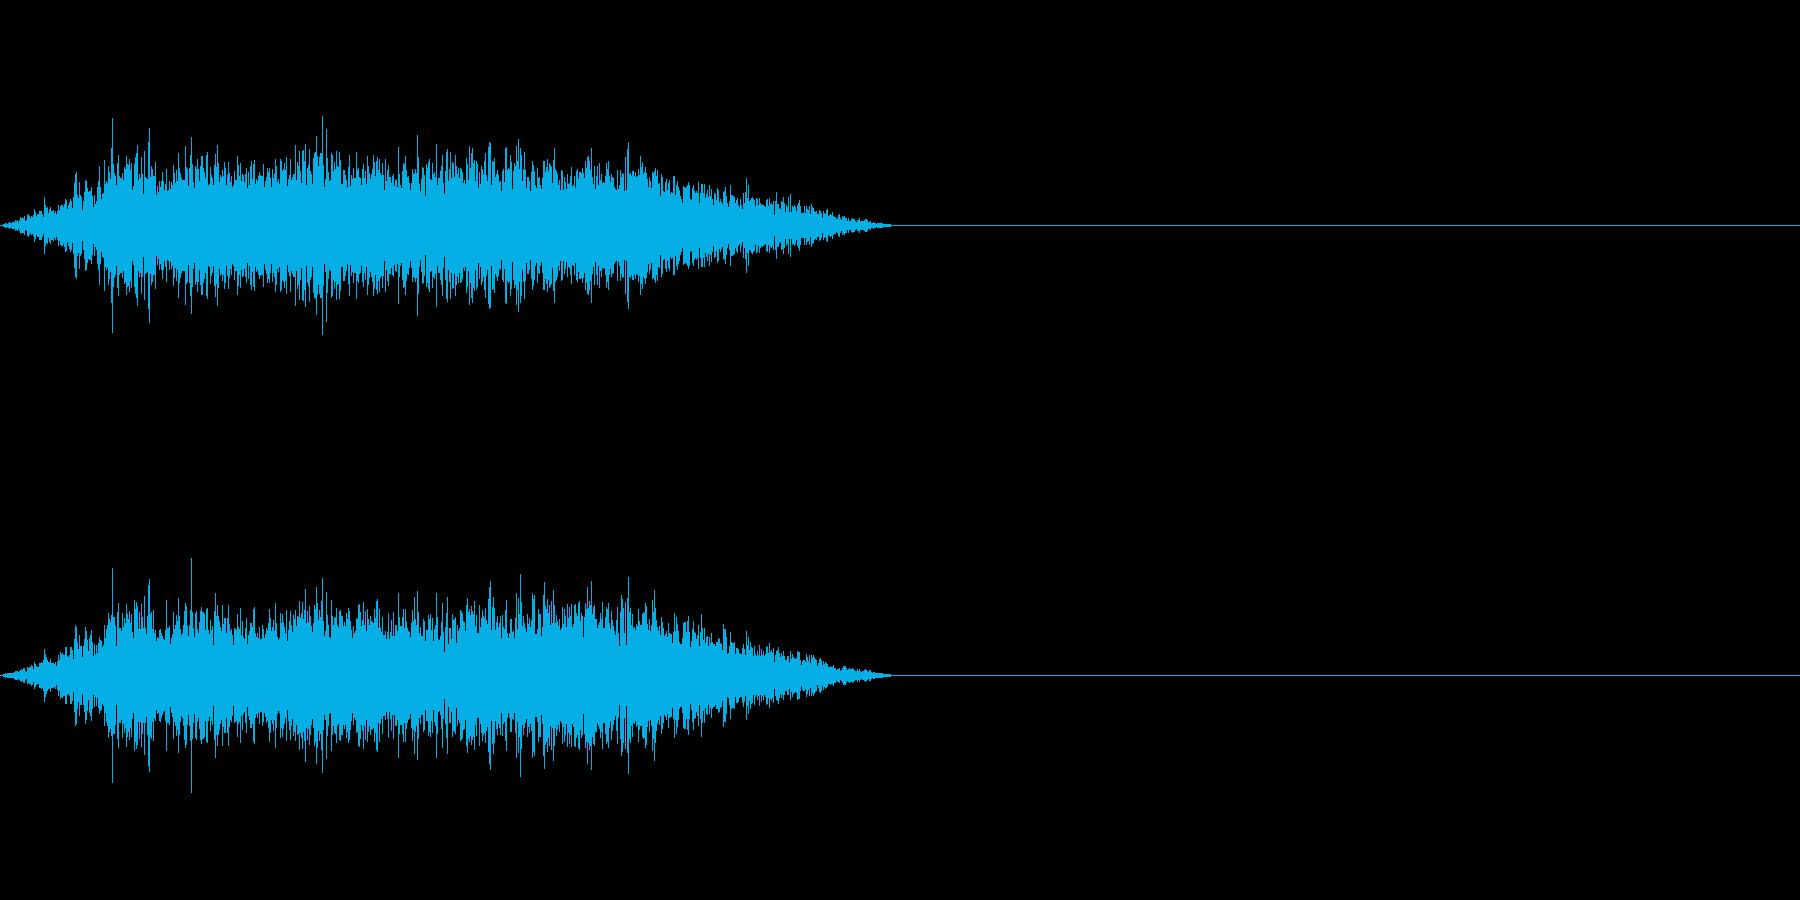 モンスターやゾンビなどの息の再生済みの波形